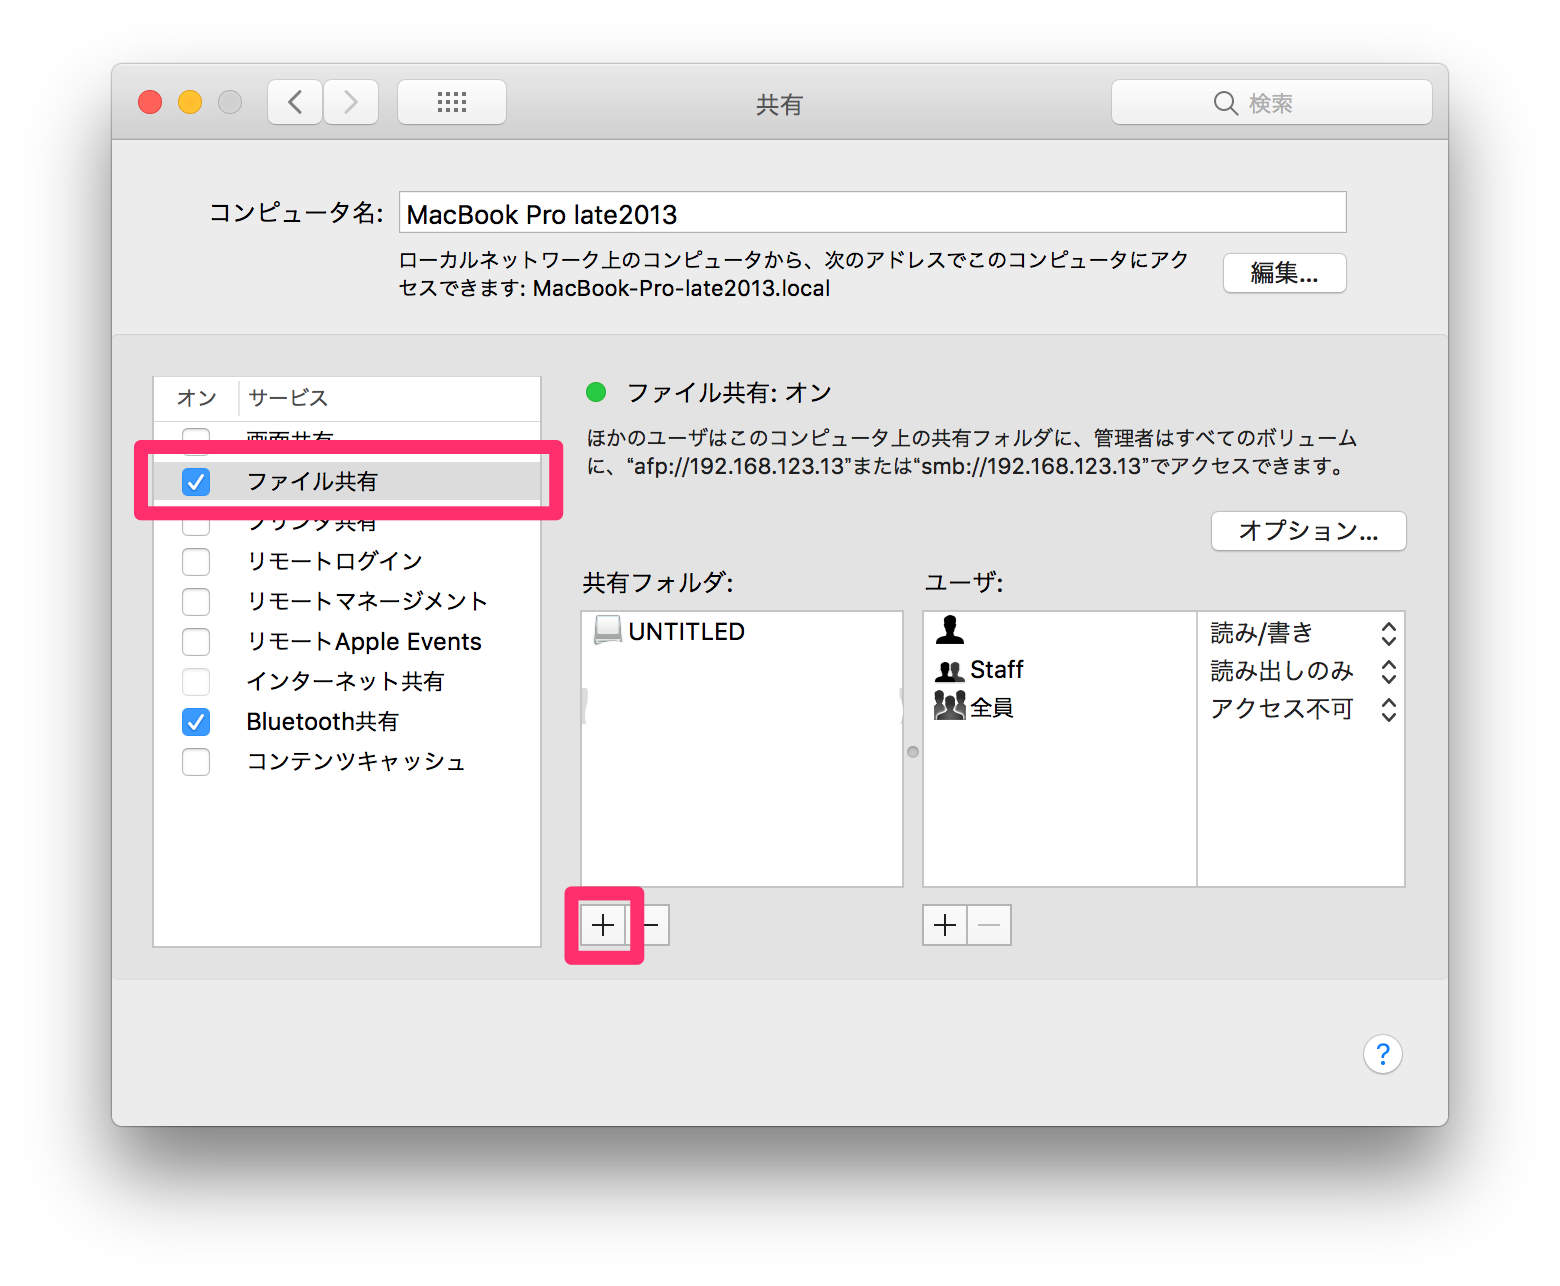 「ファイル共有」にチェックを入れ、「共有フォルダ」に外付けストレージを追加します。